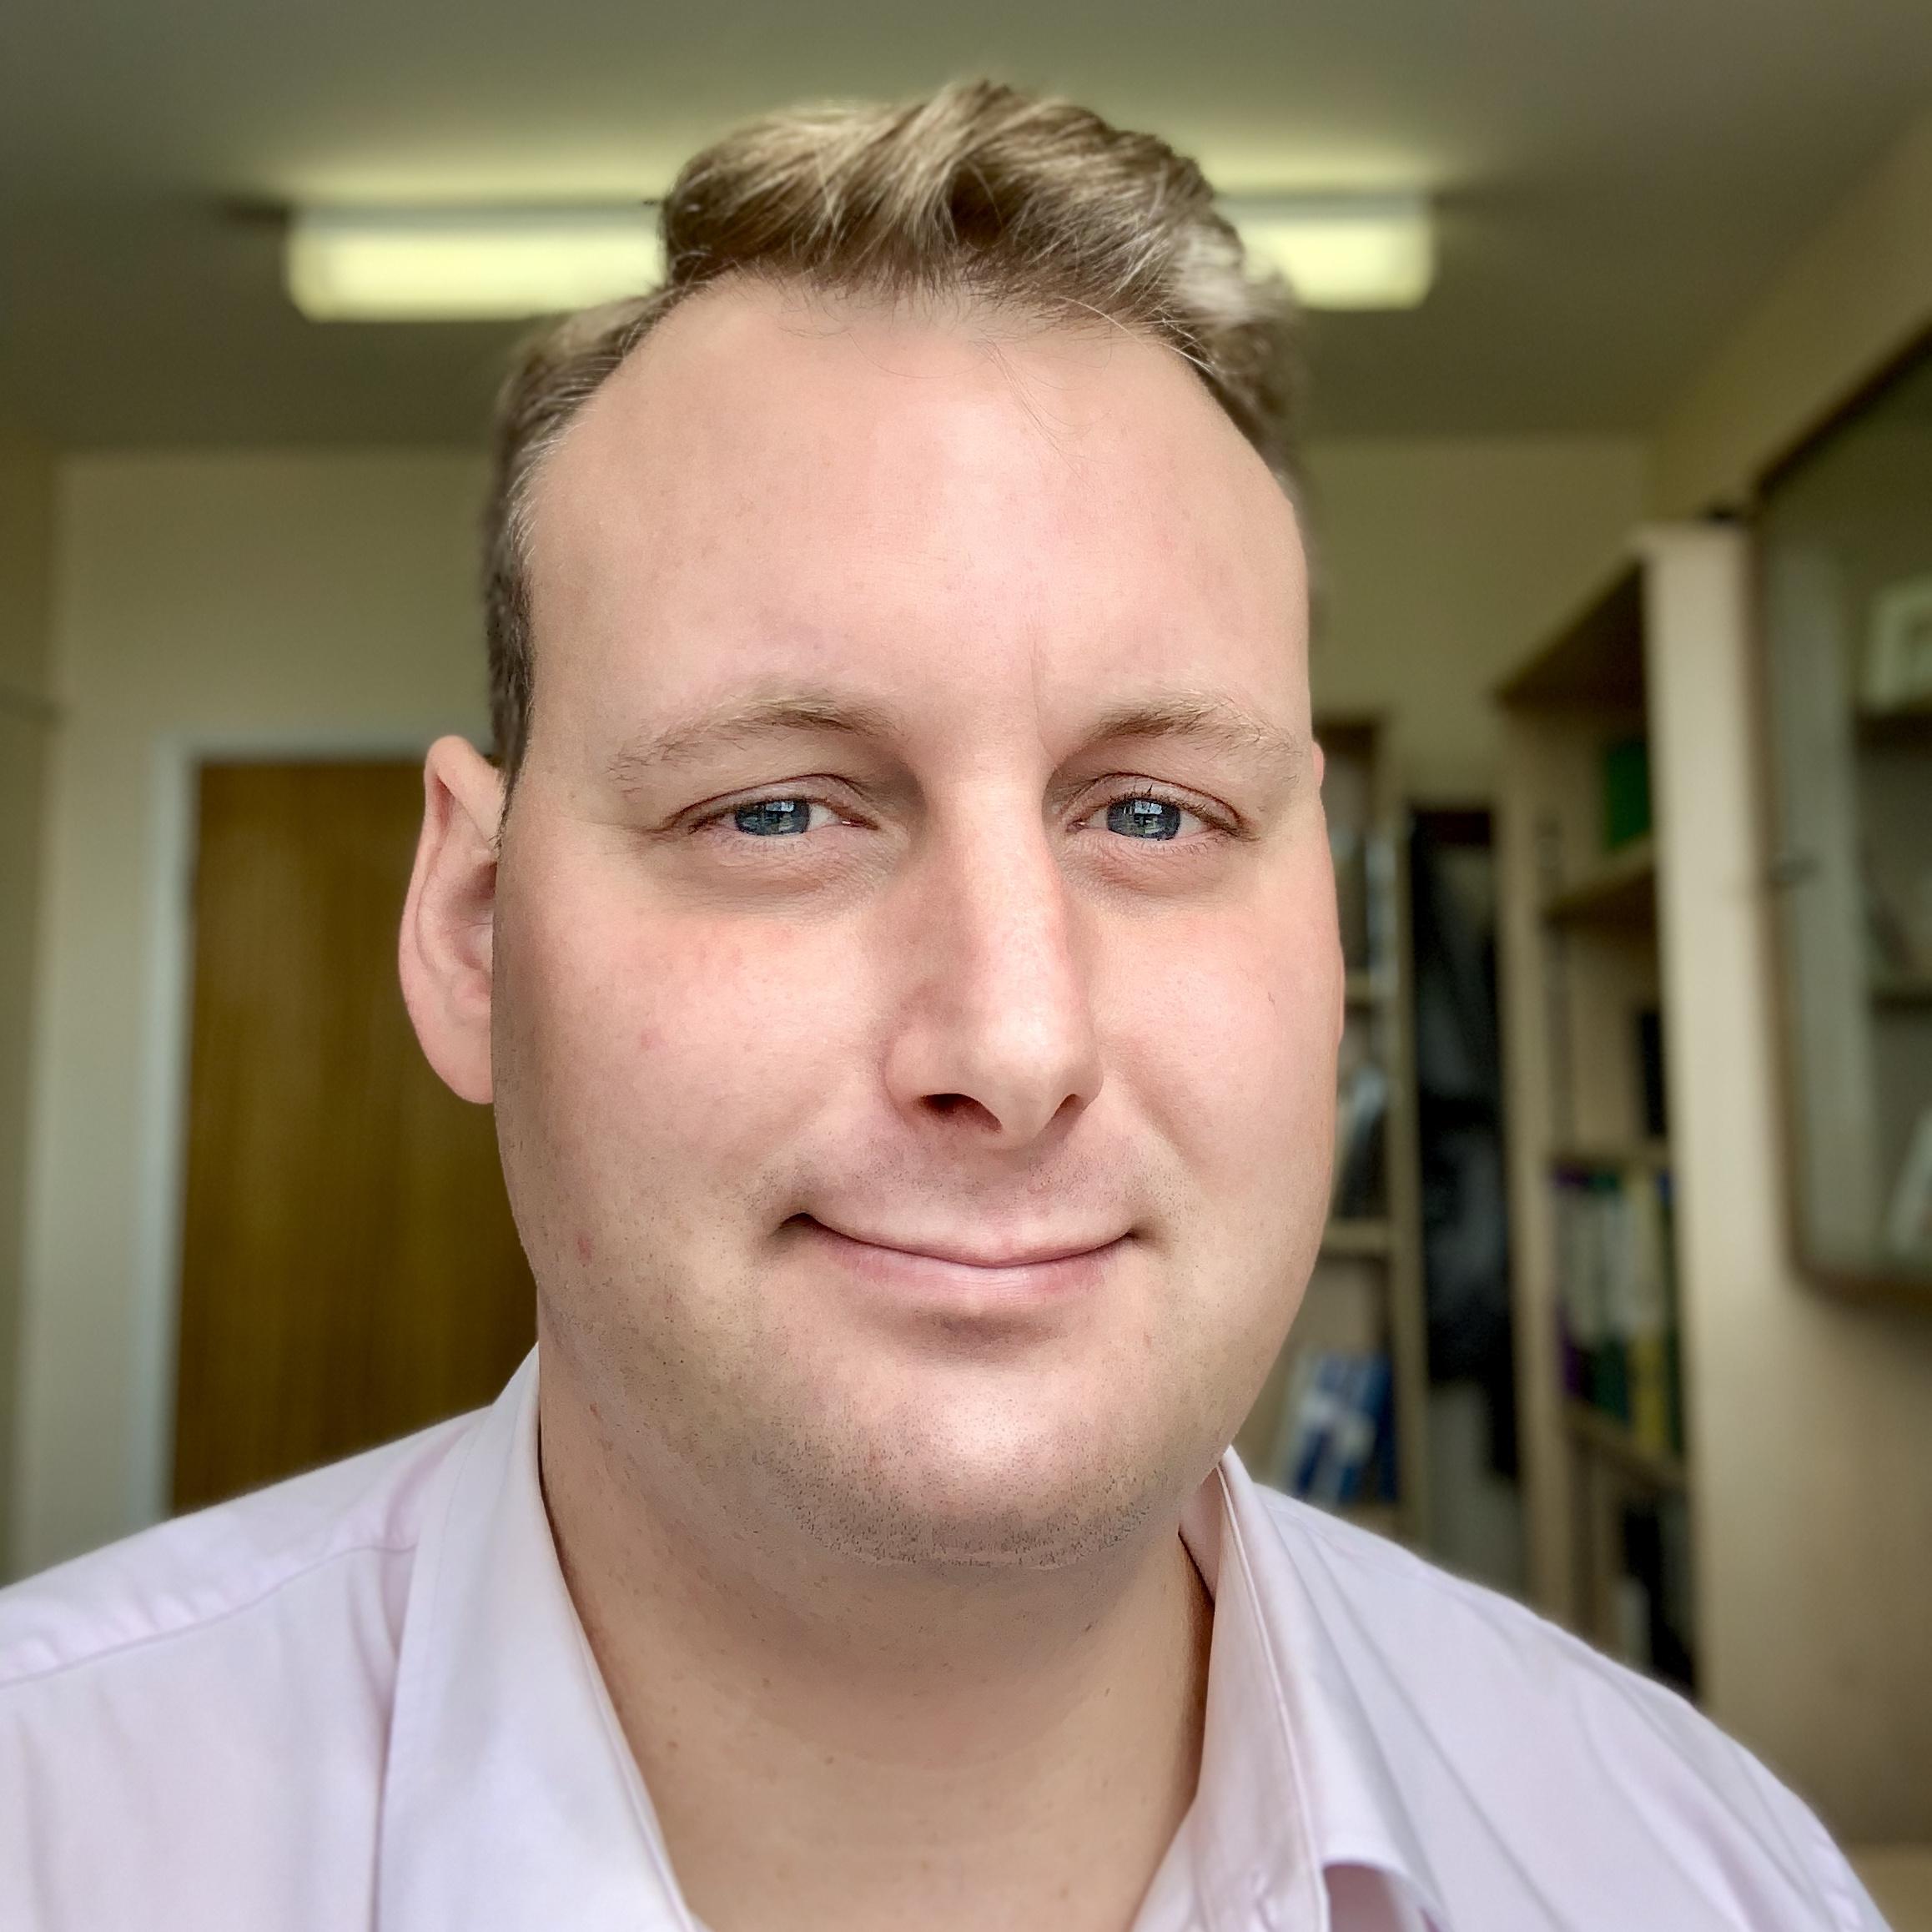 Photo of Dr Daniel Colquitt